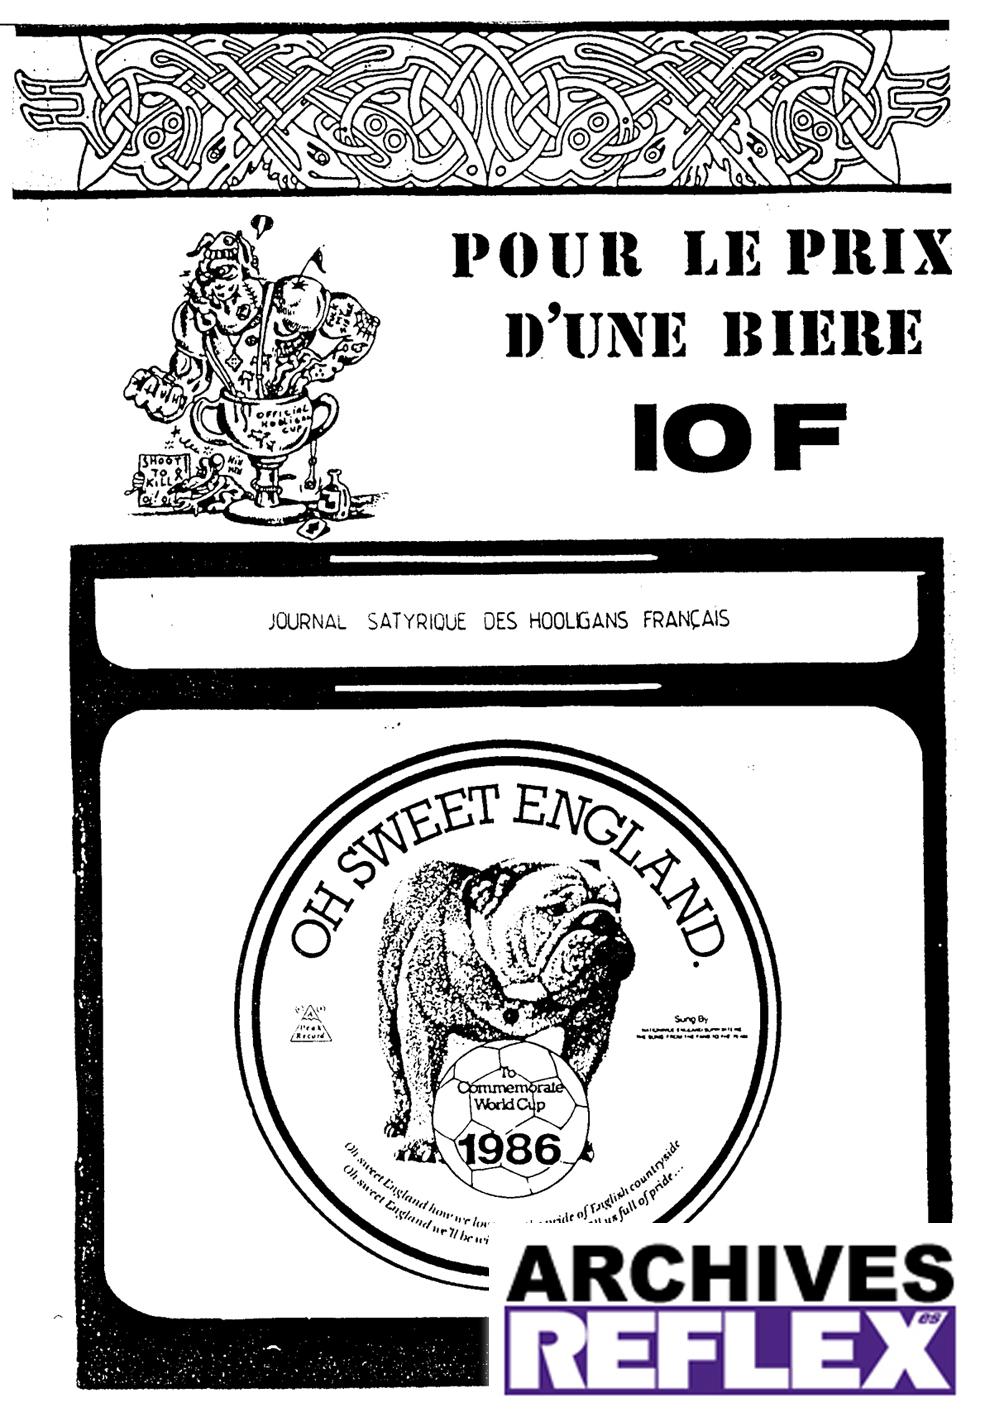 prix_d_une_biere_R